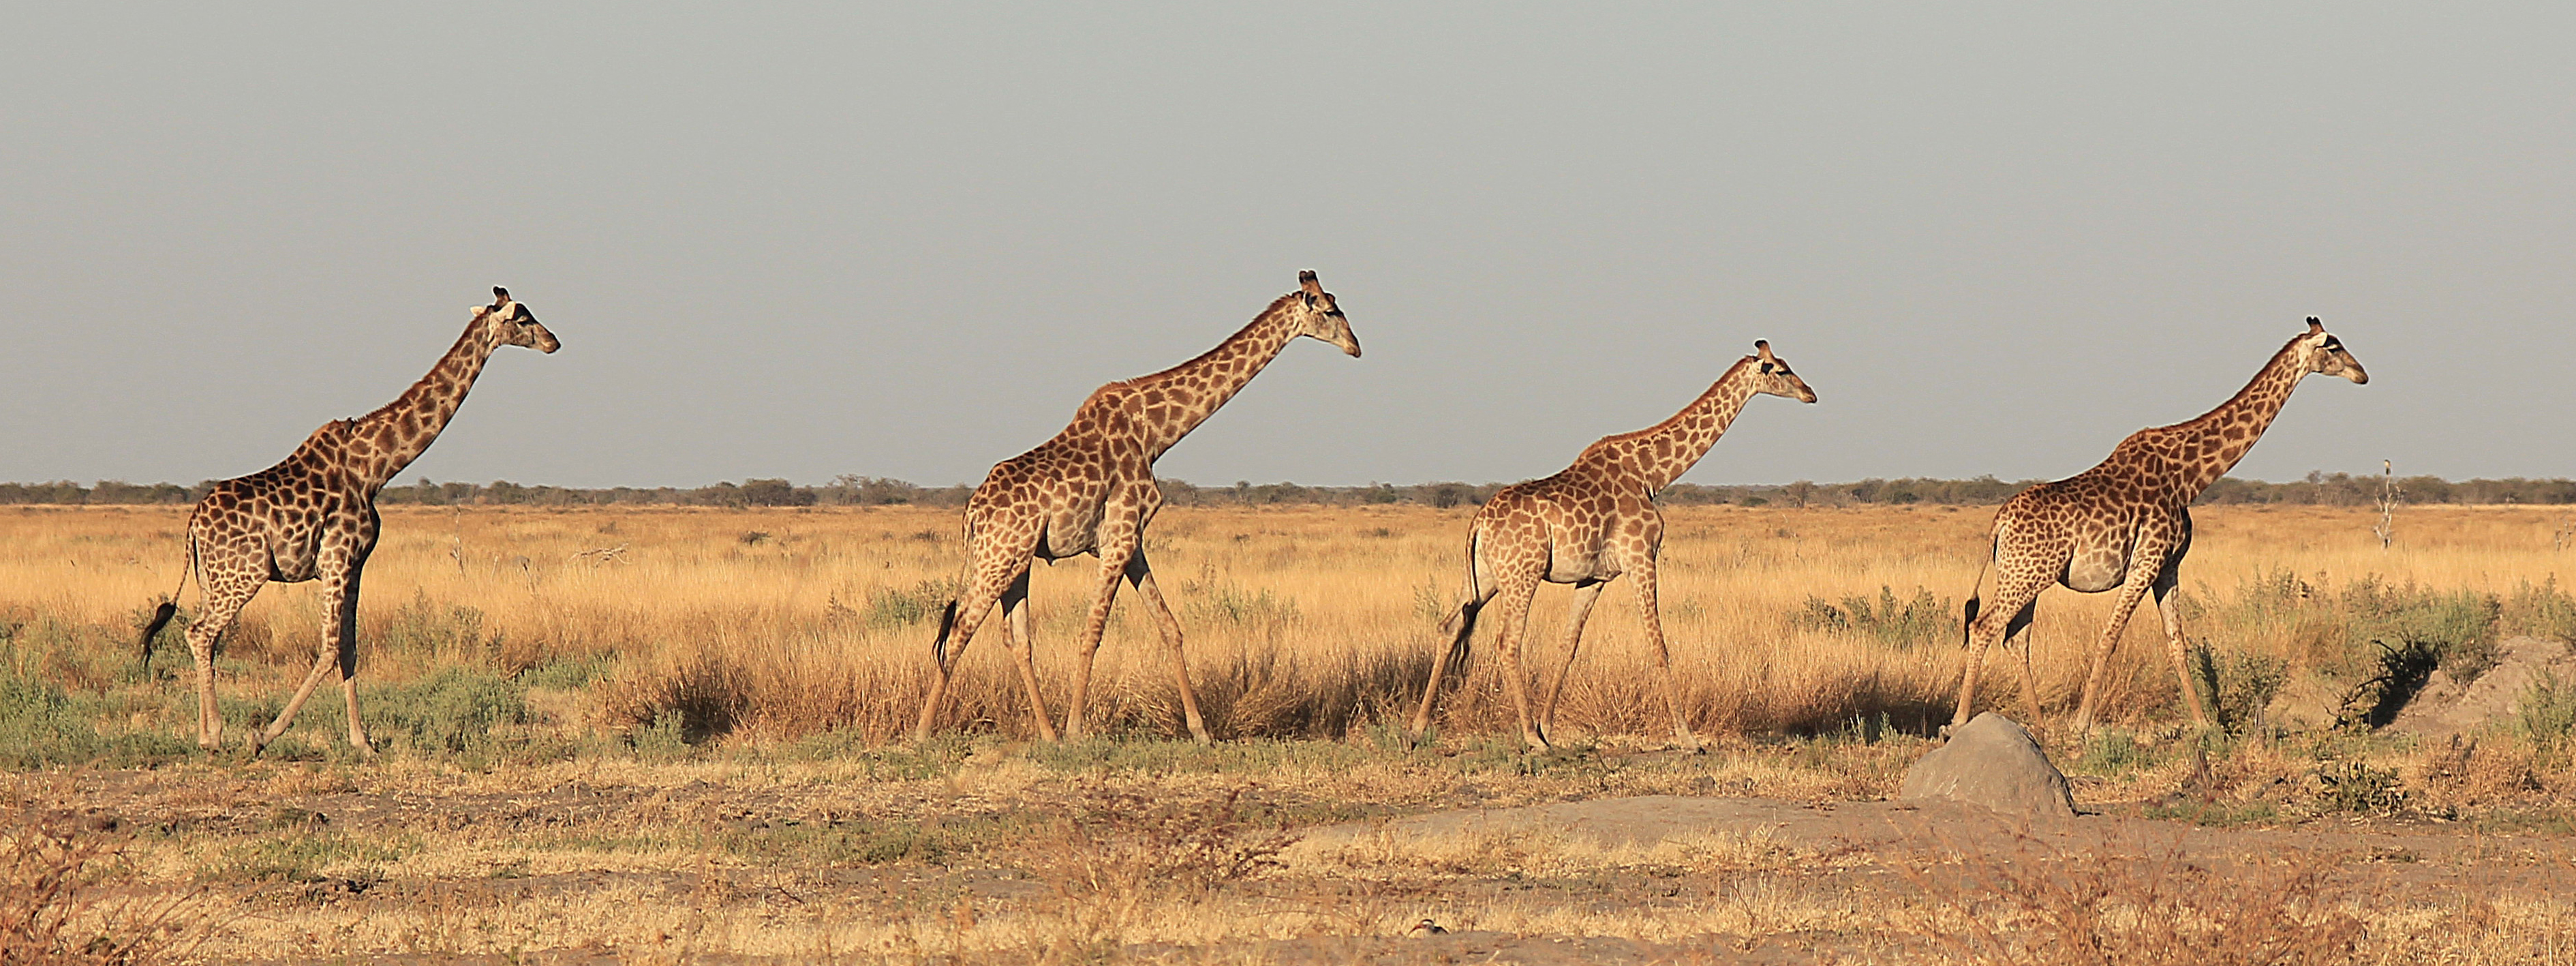 Four Giraffes